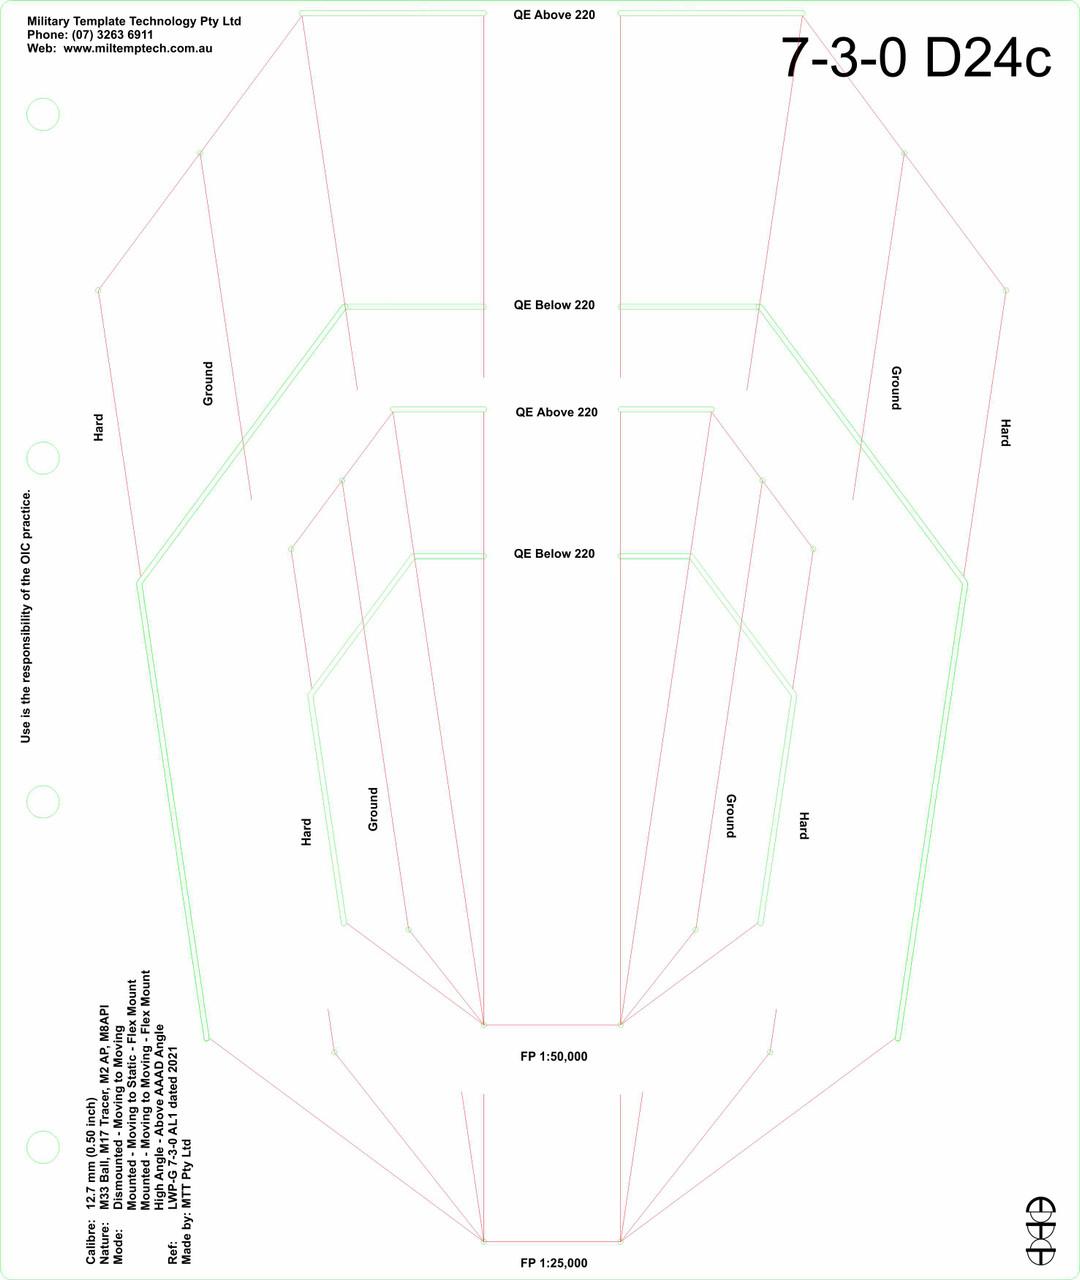 12.7 mm (0.50 in) API-T M20 - MM